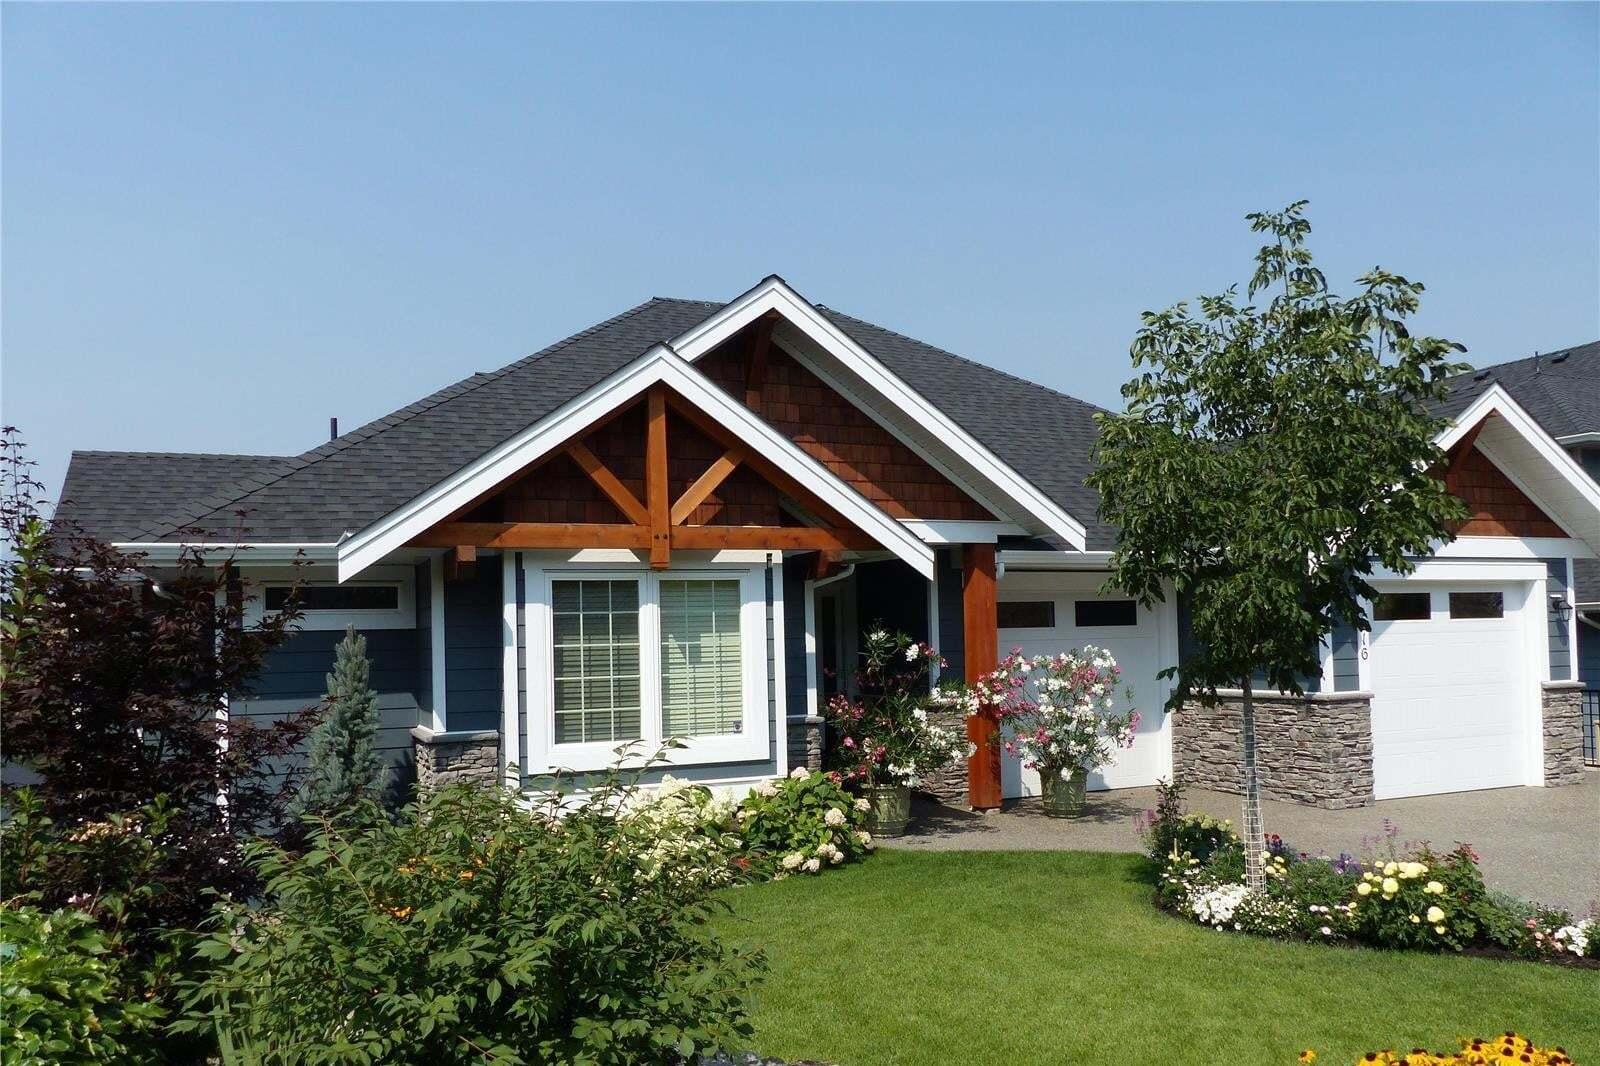 House for sale at 216 Lost Creek Ln Kelowna British Columbia - MLS: 10212727